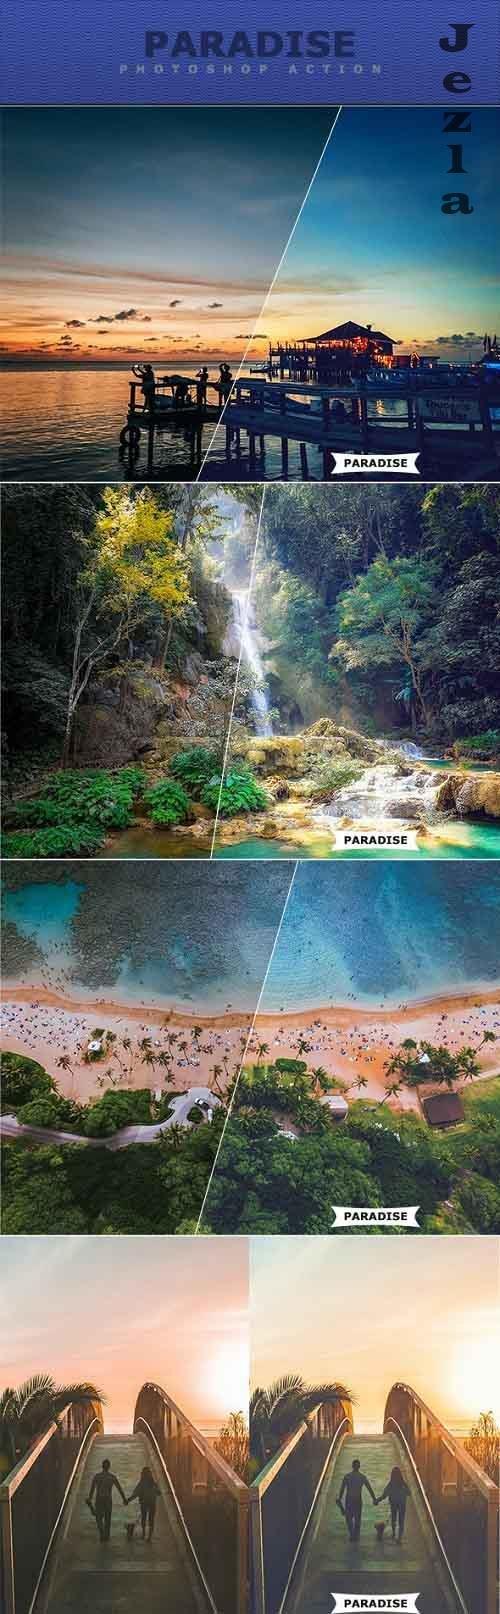 Paradise Photoshop Action 27717748